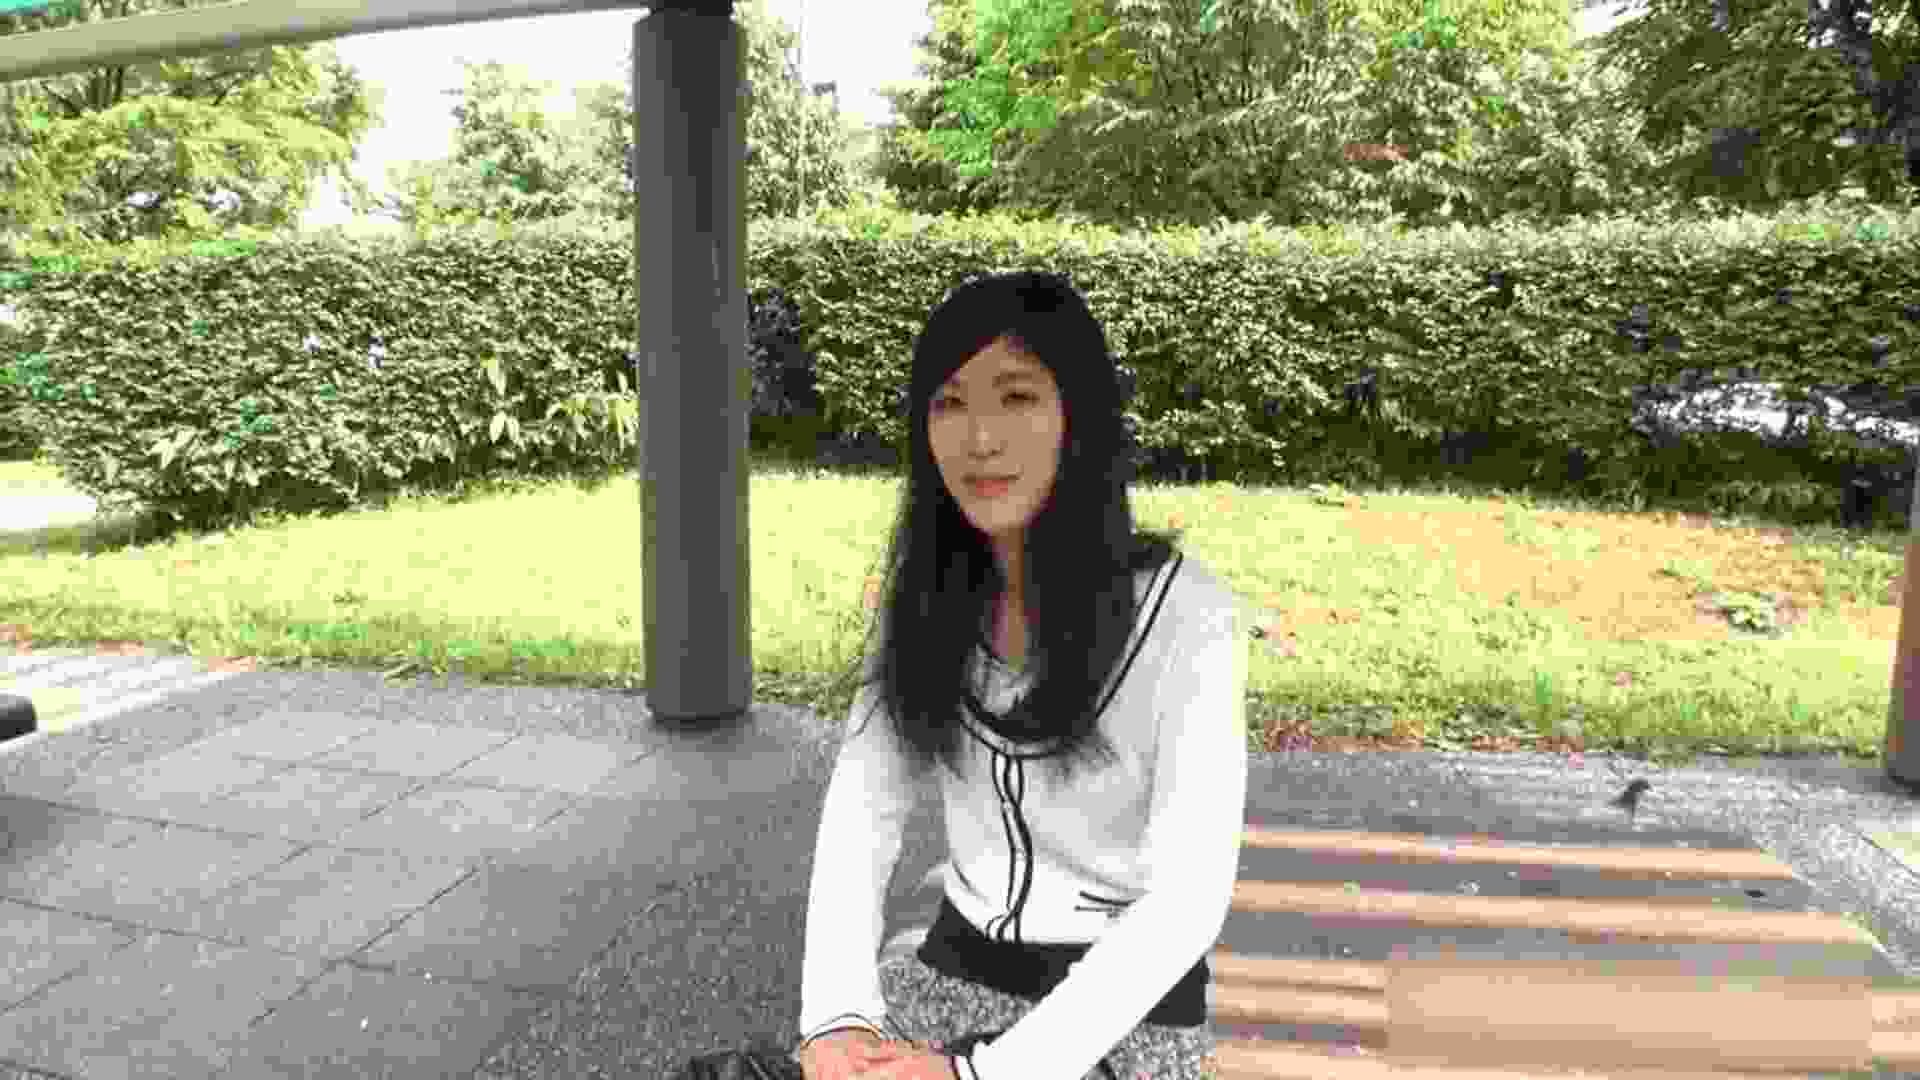 ビッチガールの反逆 Vol.17 前編 OLエロ画像   美少女エロ画像  80PICs 3